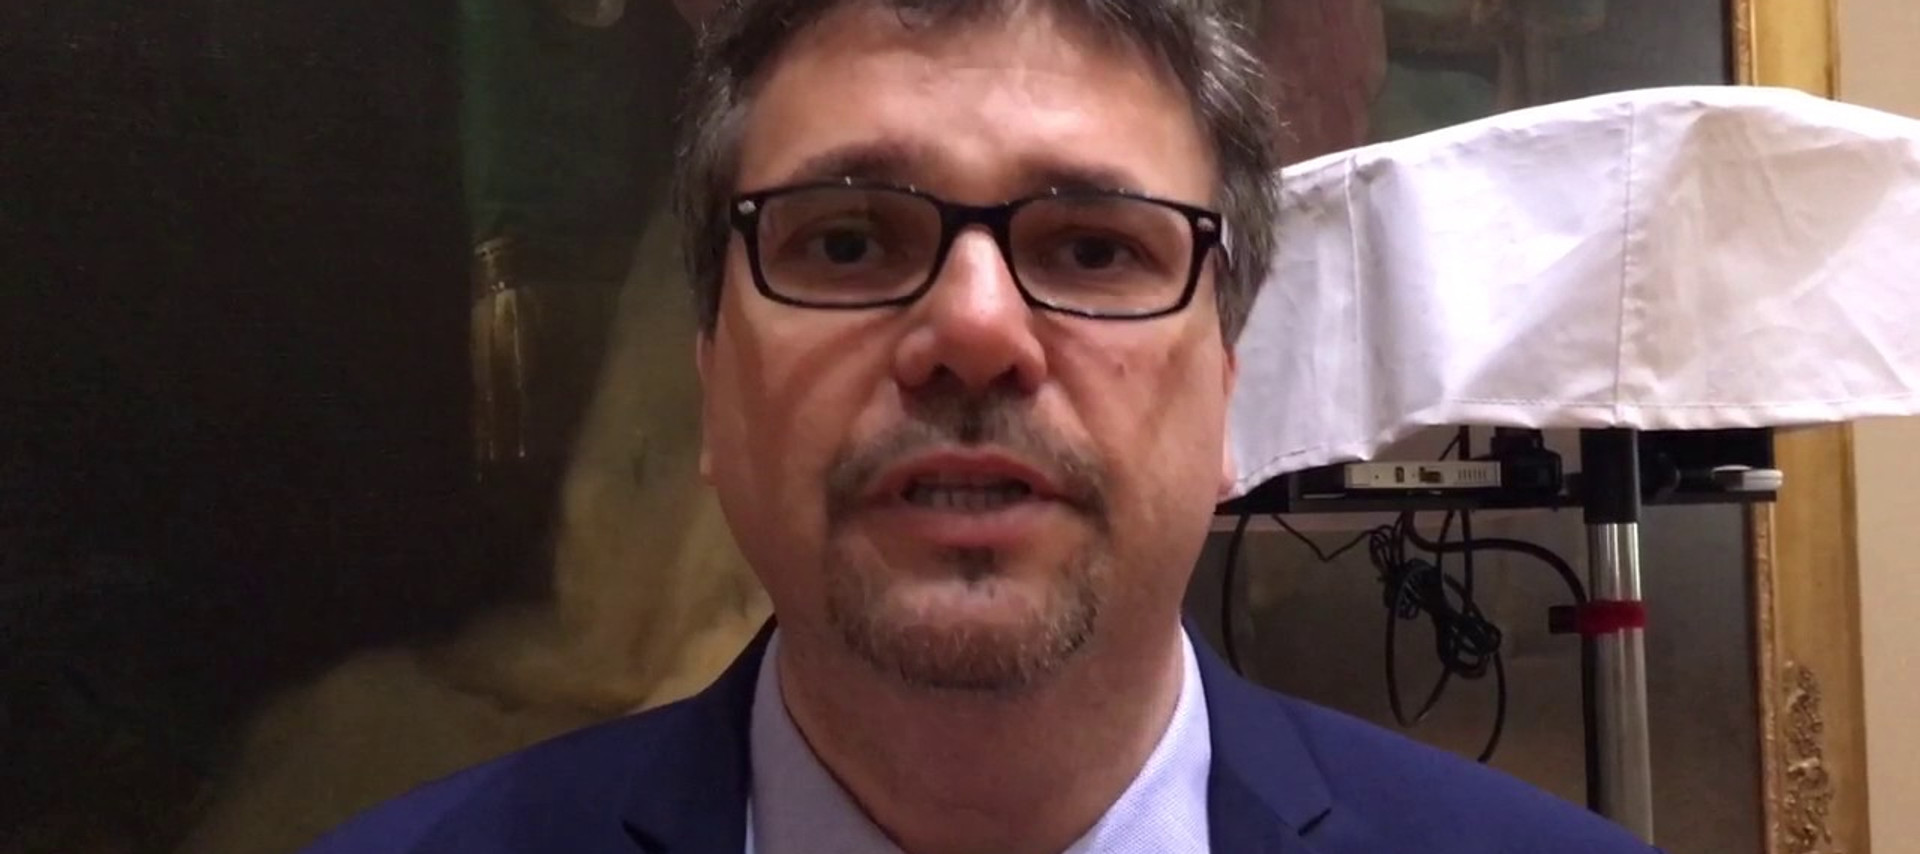 Certificazione Uni En Iso 9001 Università di Cagliari: intervista a Lorenzo Antonini - SGI